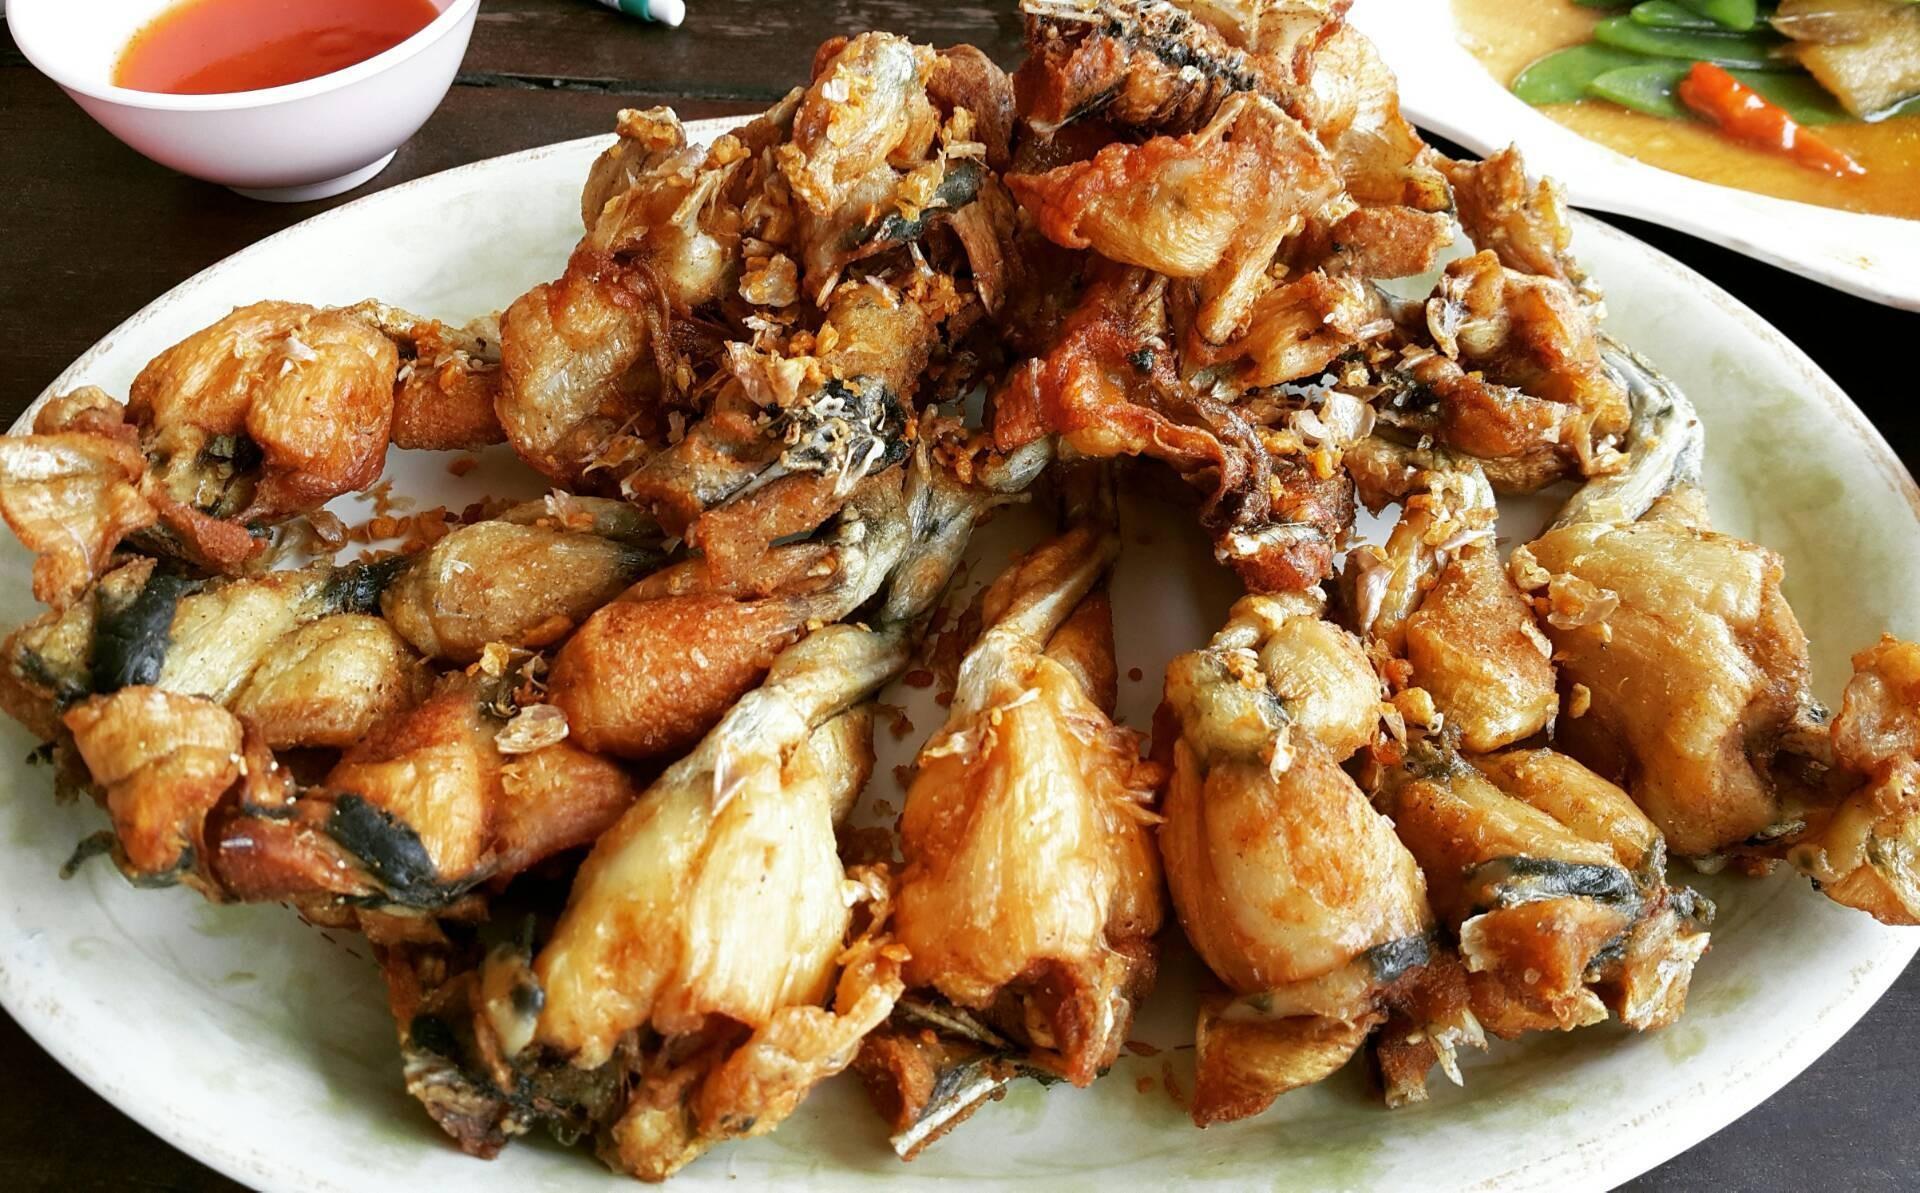 กบทอดกระเทียม • เมนูเด็ด ชะ ของที่นี่ อร่อยจริงๆ ร้าน โก๊ขิว - Wongnai